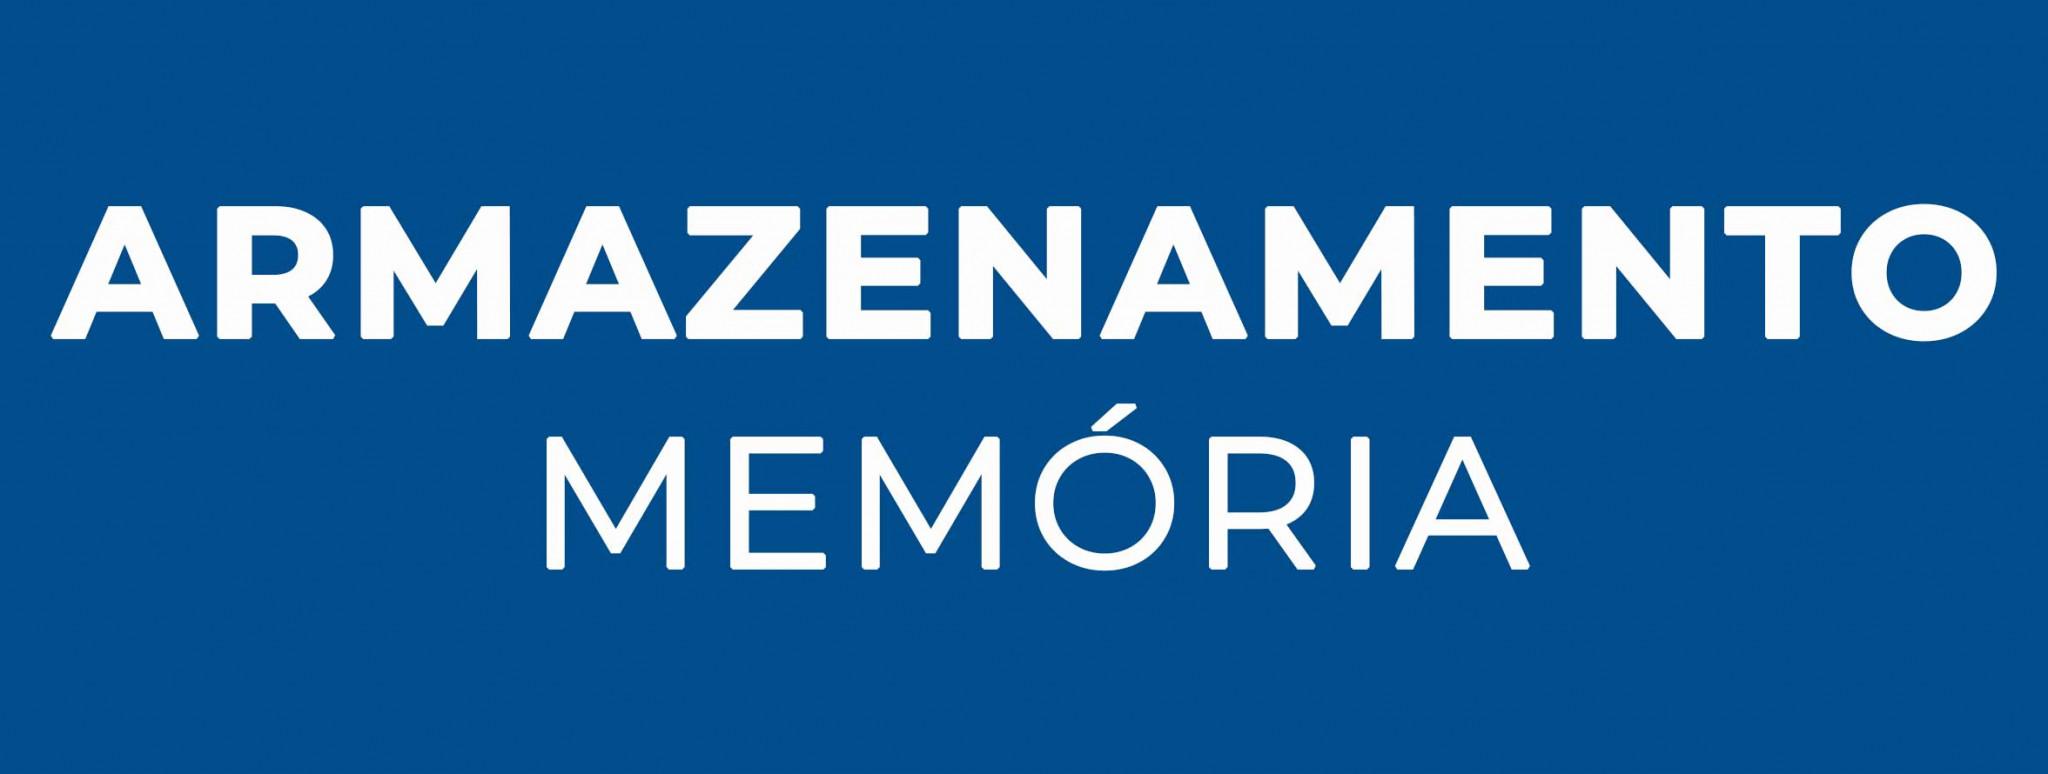 Armazenamento Memória